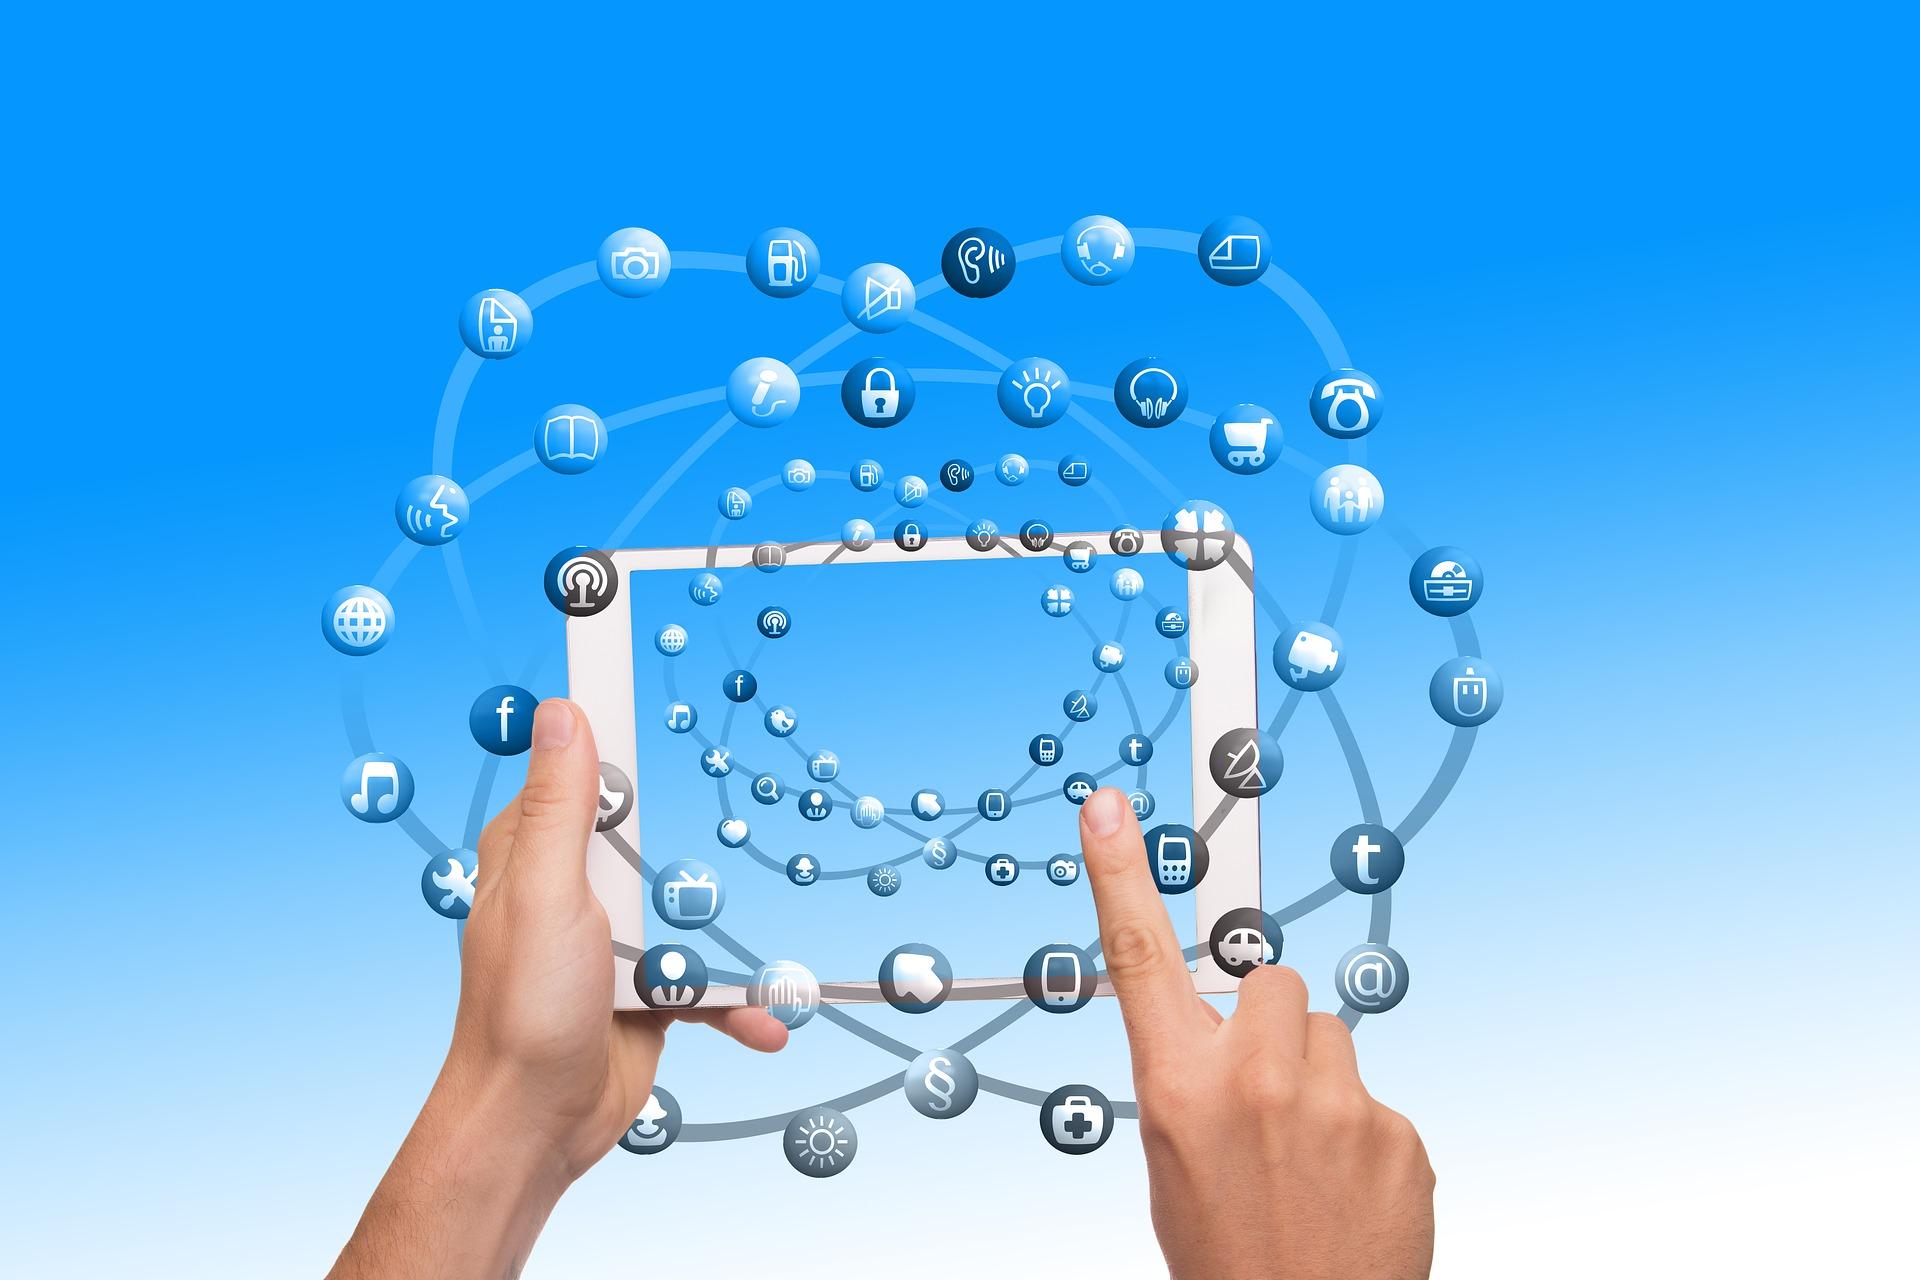 Yeni Nesil Teknoloji Devrimi – Gelecekte Neler Olacak  İnteraktif Bilişim Hukuku Komplo Teorileri Grup Çalışması Yapılacak ve Komplo Teorileri Tartışılacak.